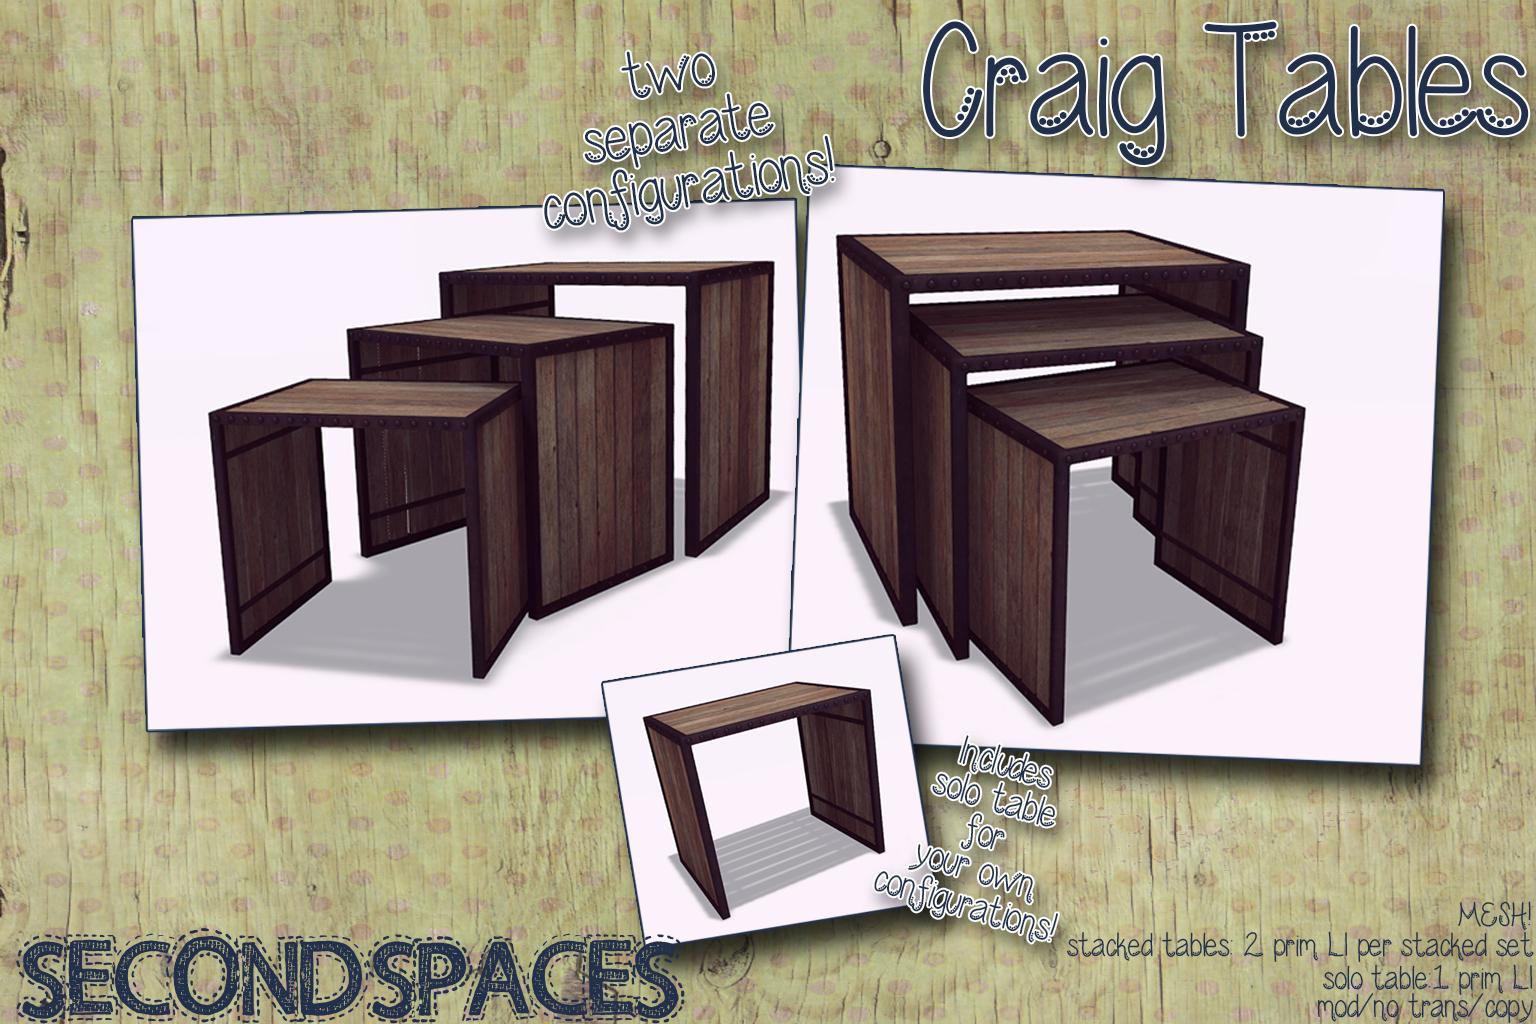 craig tables_vendor.jpg